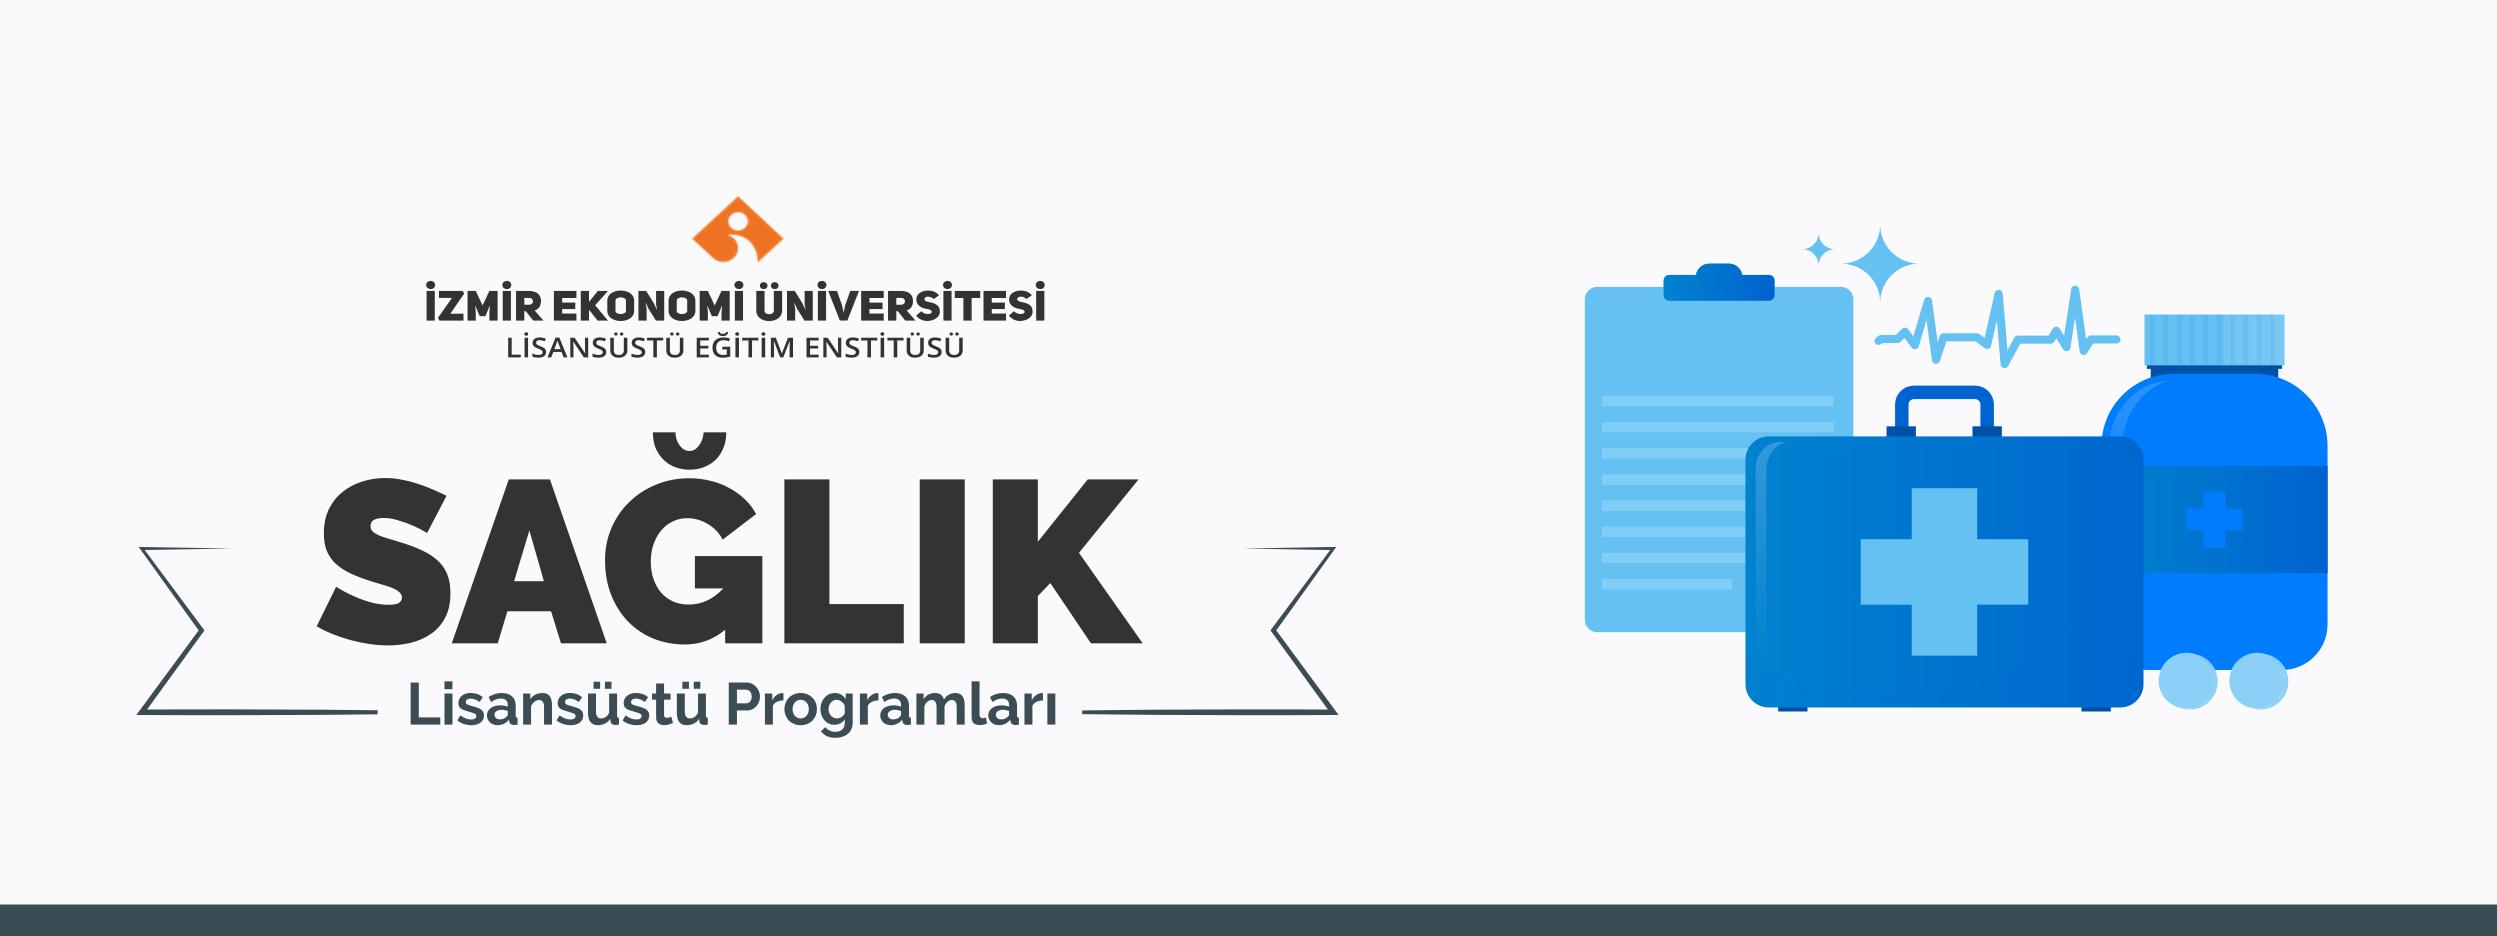 İzmir Ekonomi Üniversitesi Sağlık Bölümü Yüksek Lisans ve Doktora Programları